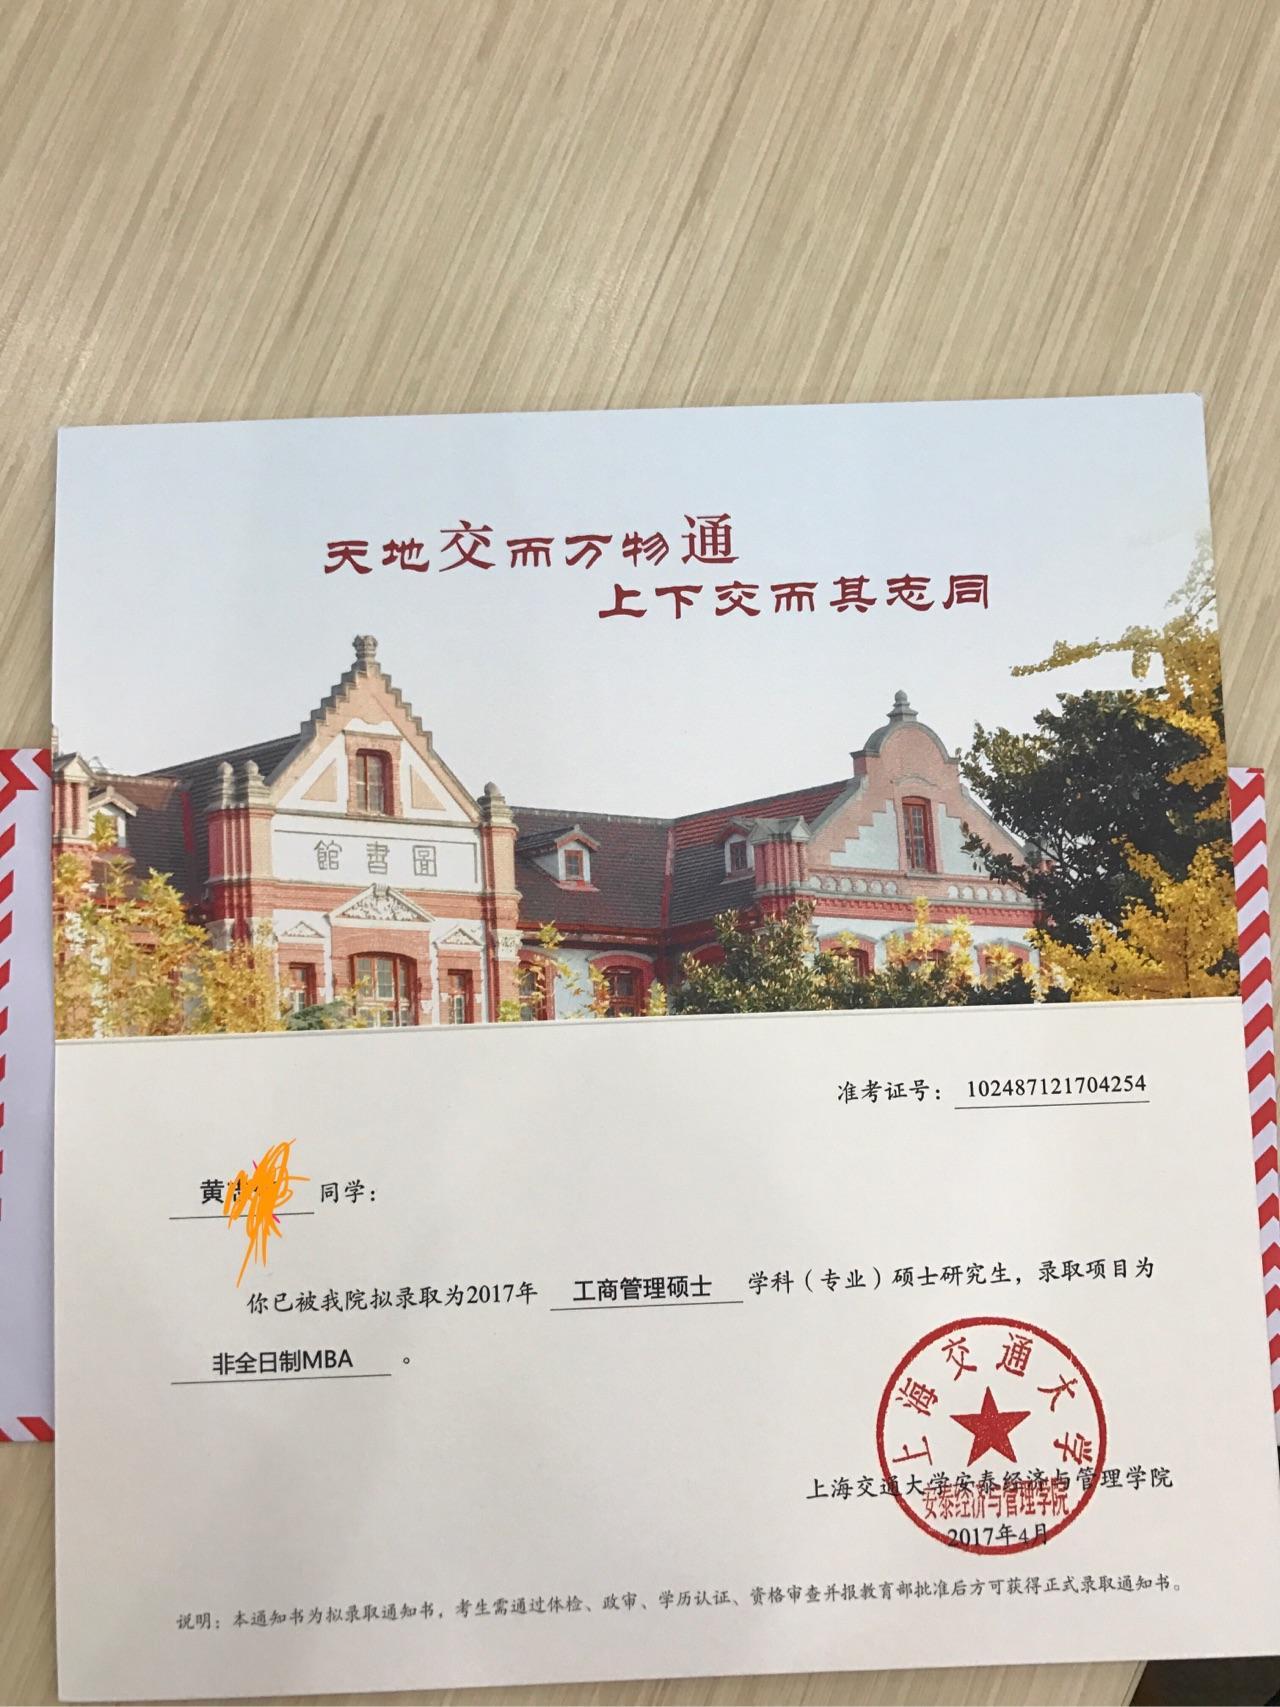 上海交大mba_回顾:2017年上海交大安泰MBA从提前面试到联考的成功经历 - 知乎